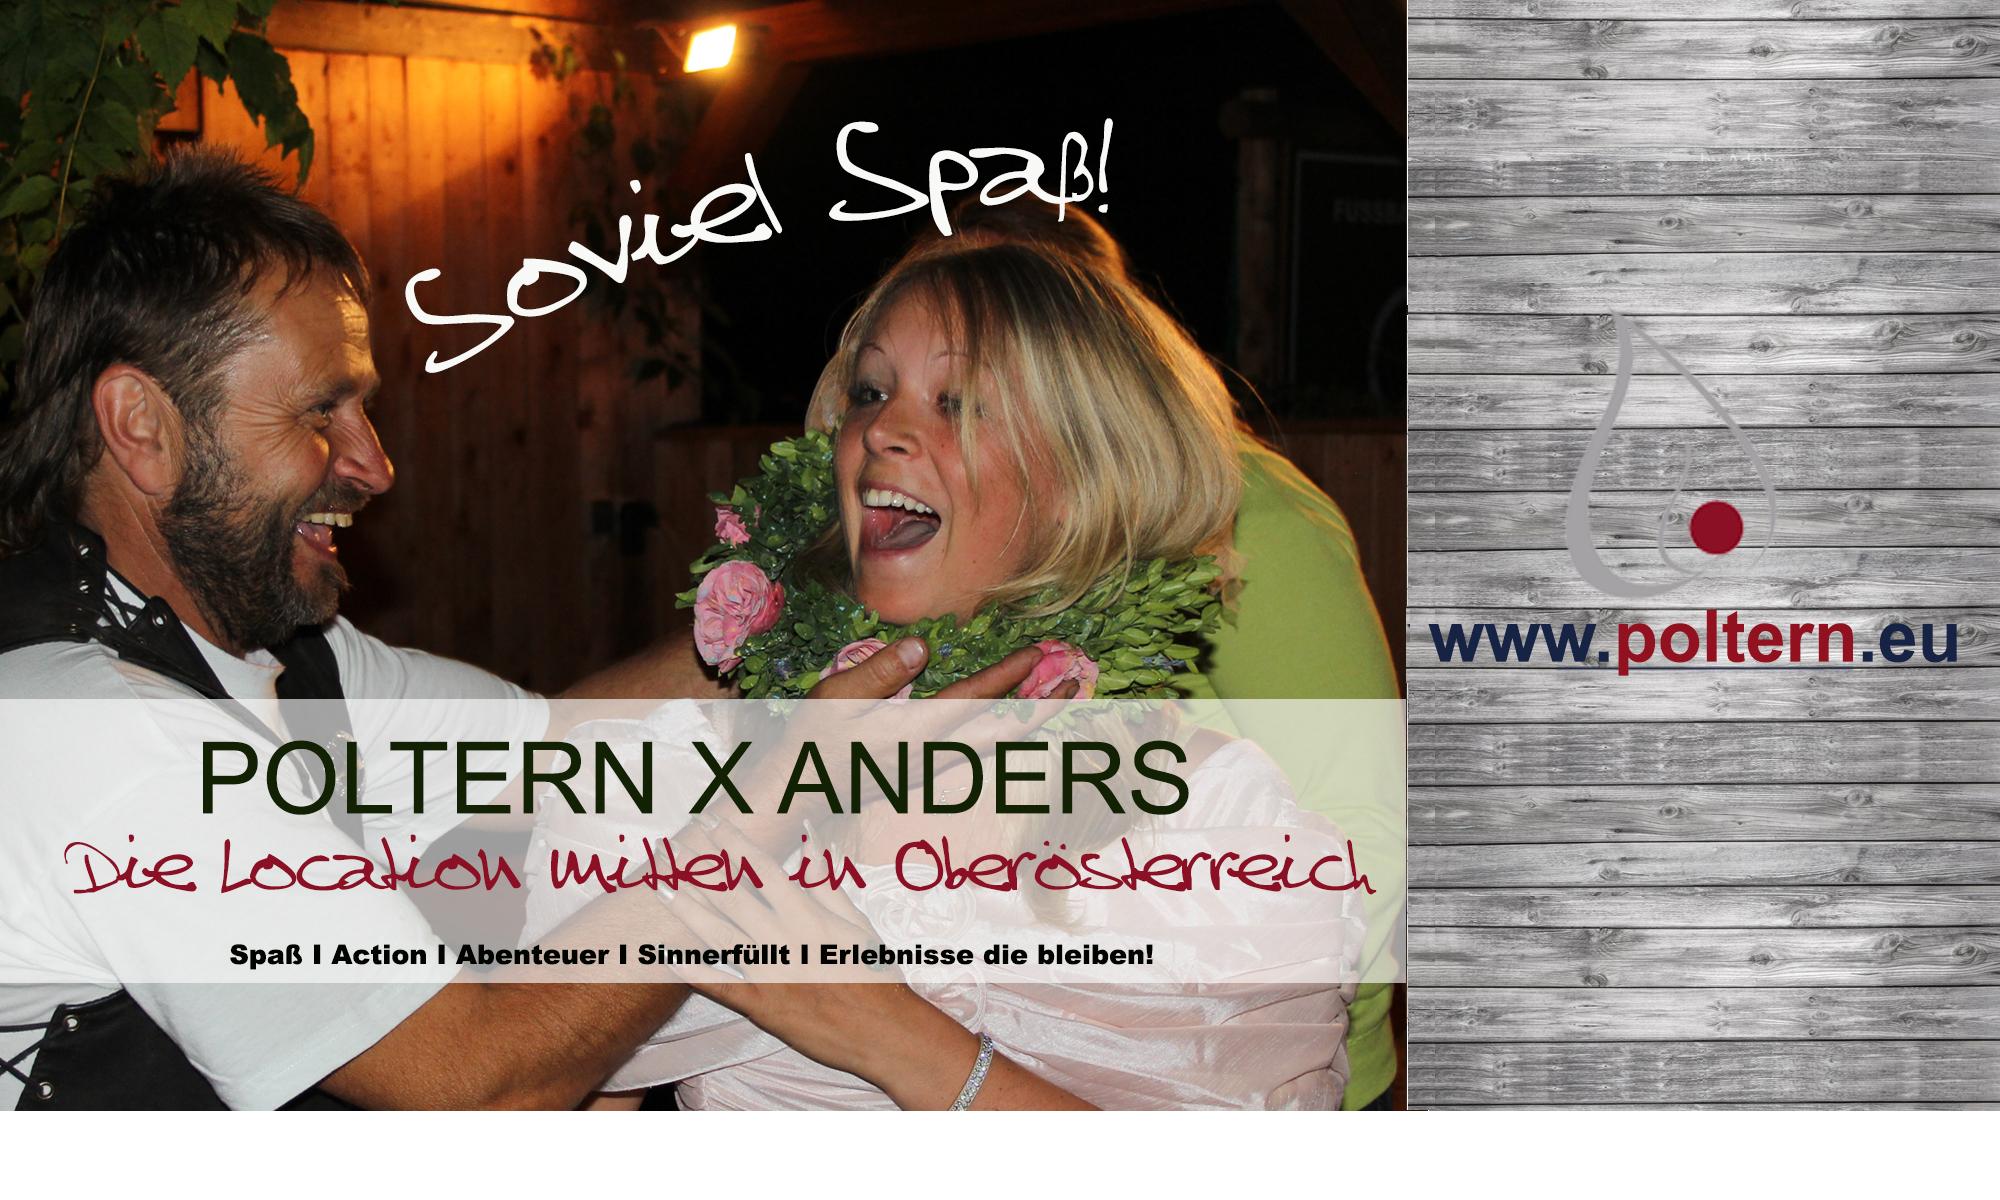 www.poltern.eu